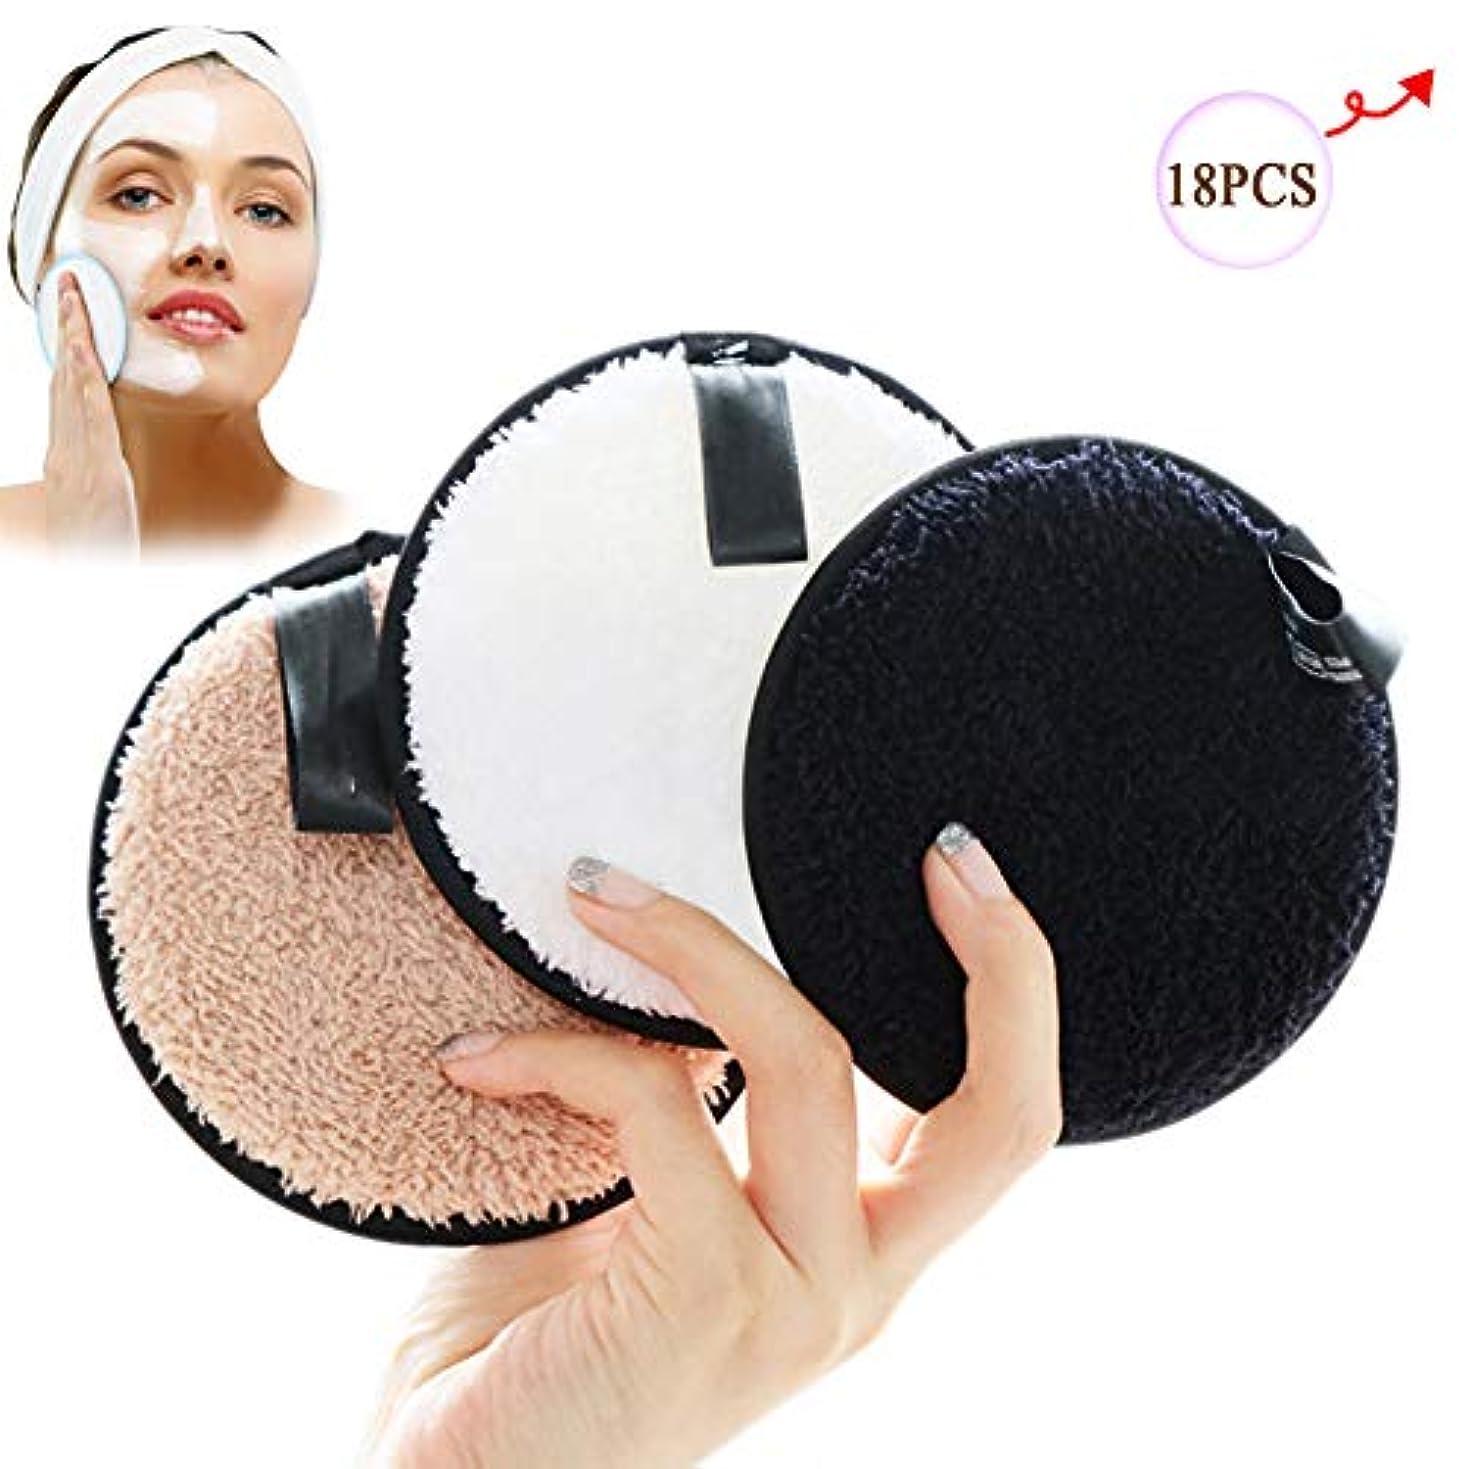 オフセット命題叫ぶ除去剤のパッド、女性の表面/目/唇のための再使用可能な清潔になる綿繊維の構造の除去剤のワイプ,18PCS